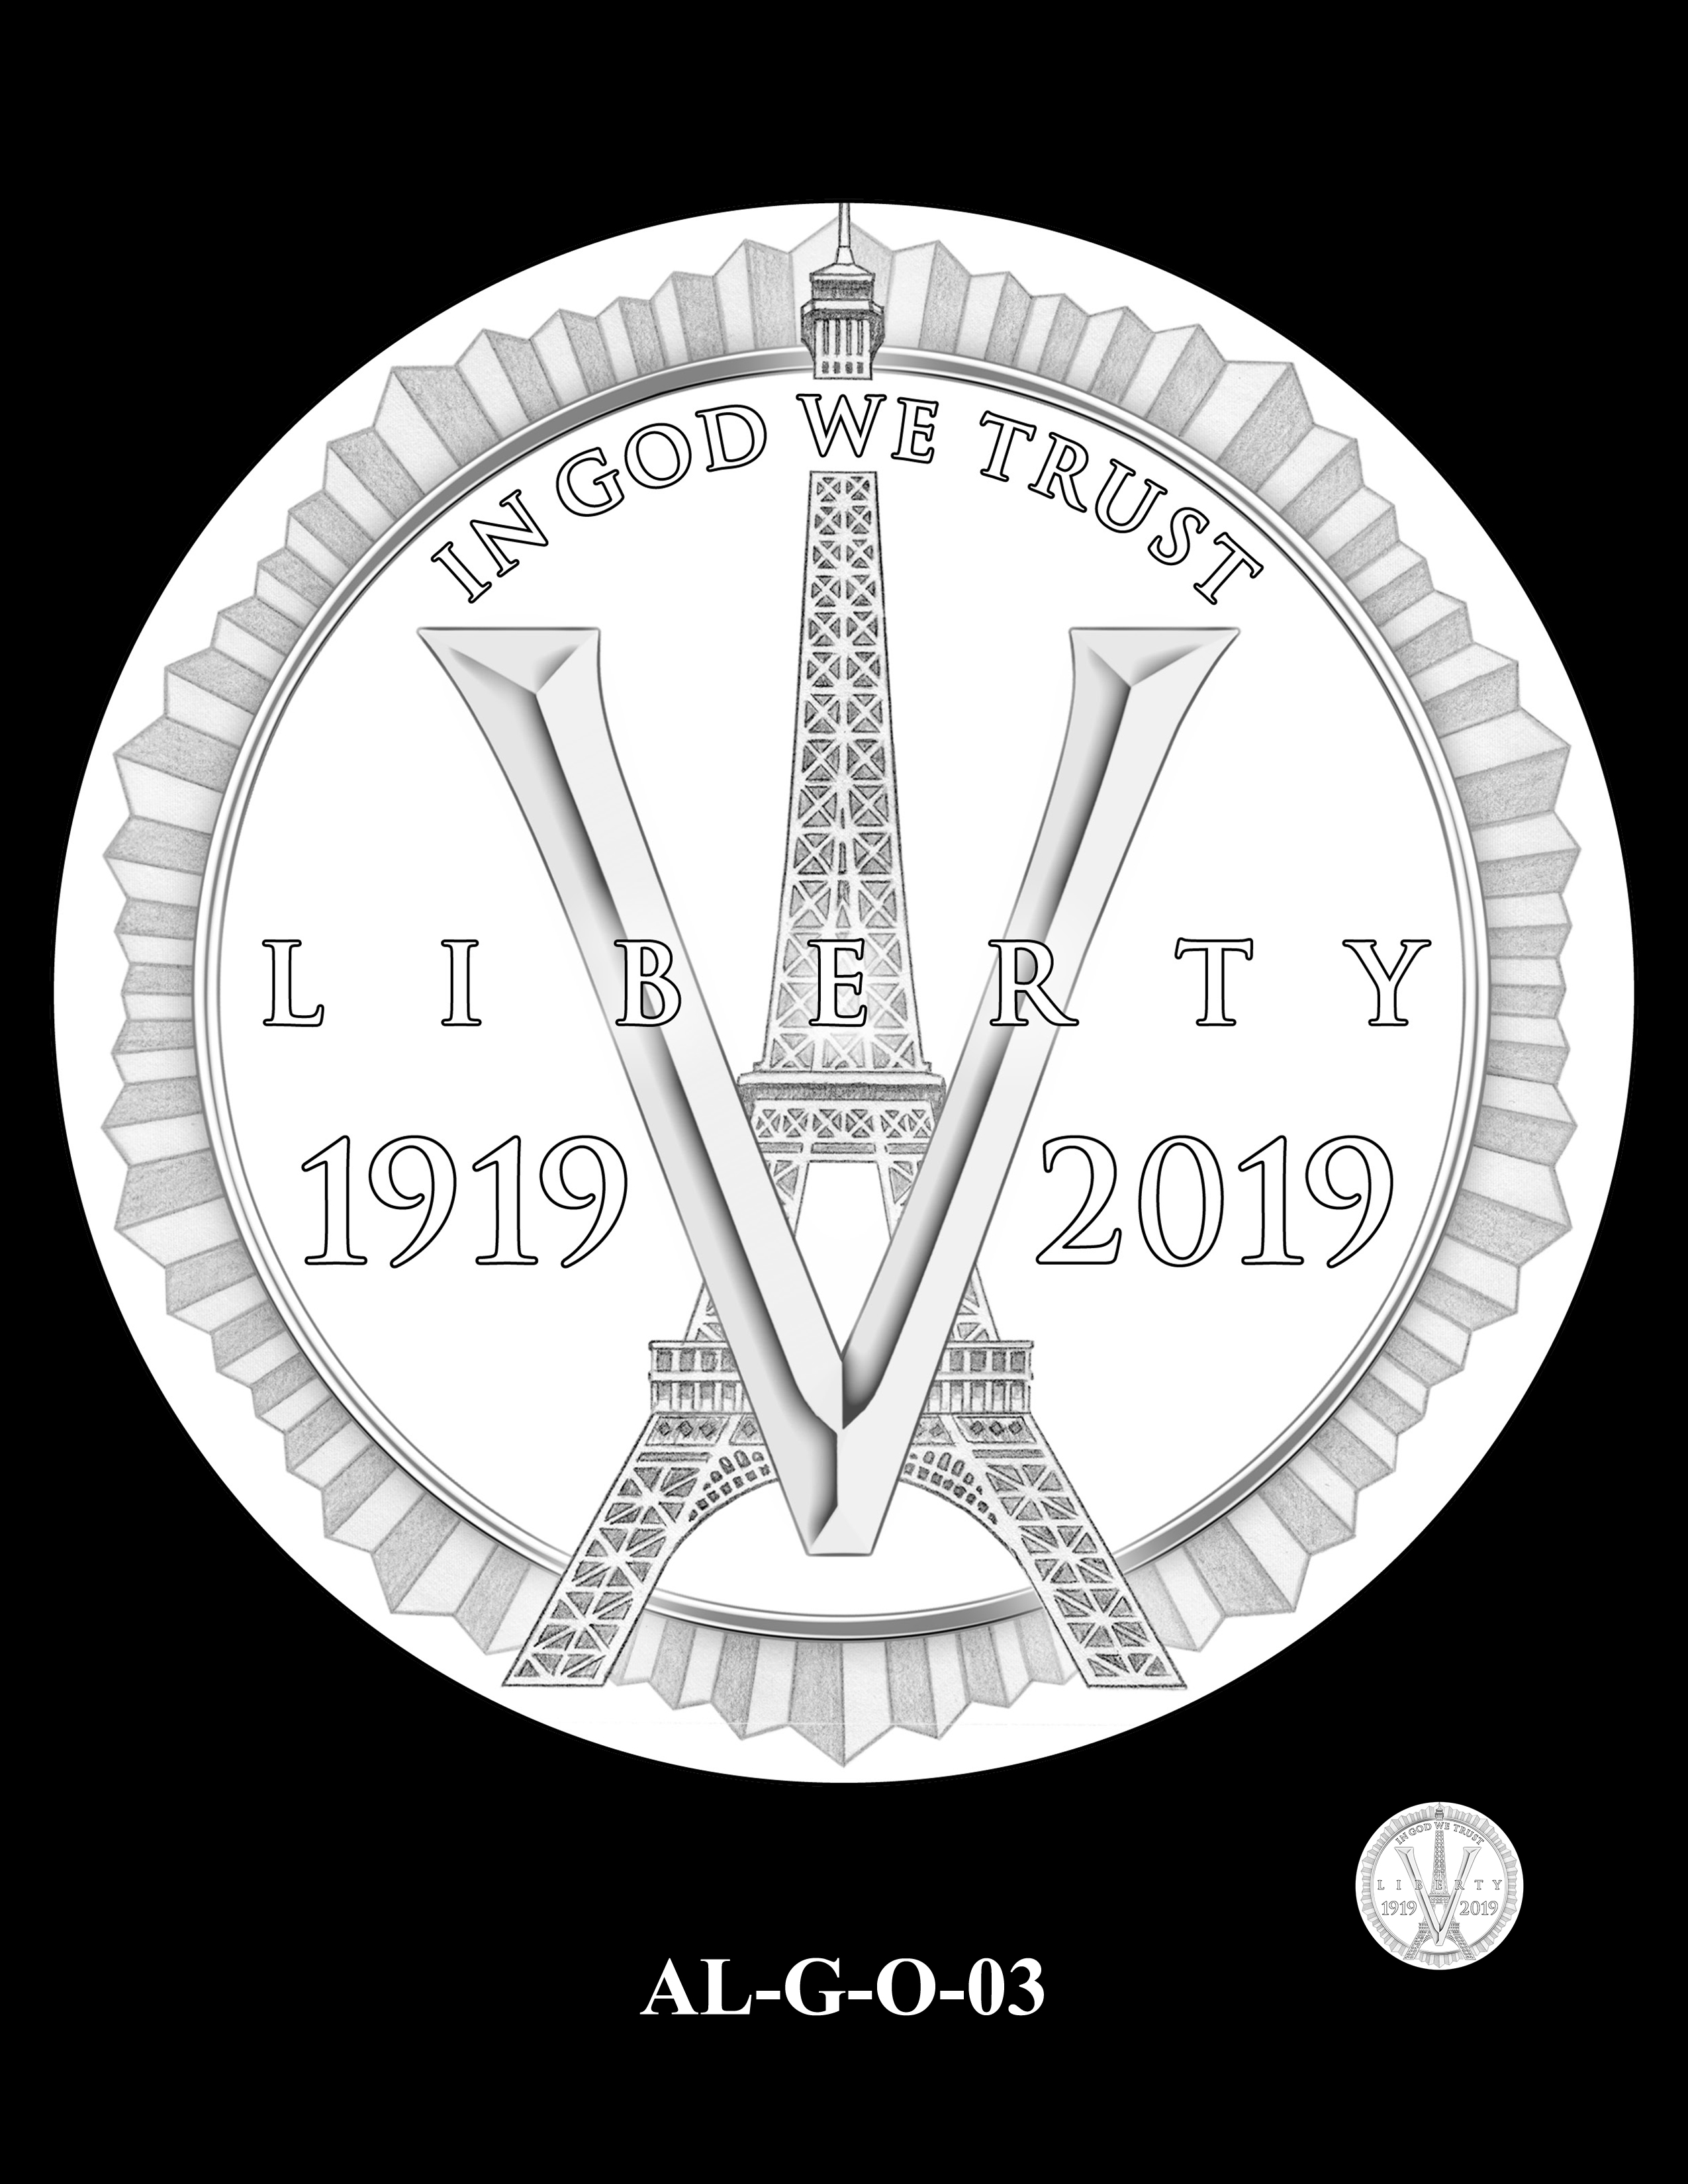 AL-G-O-03 -- 2019 American Legion 100th Anniversary Commemorative Coin Program - Gold Obverse